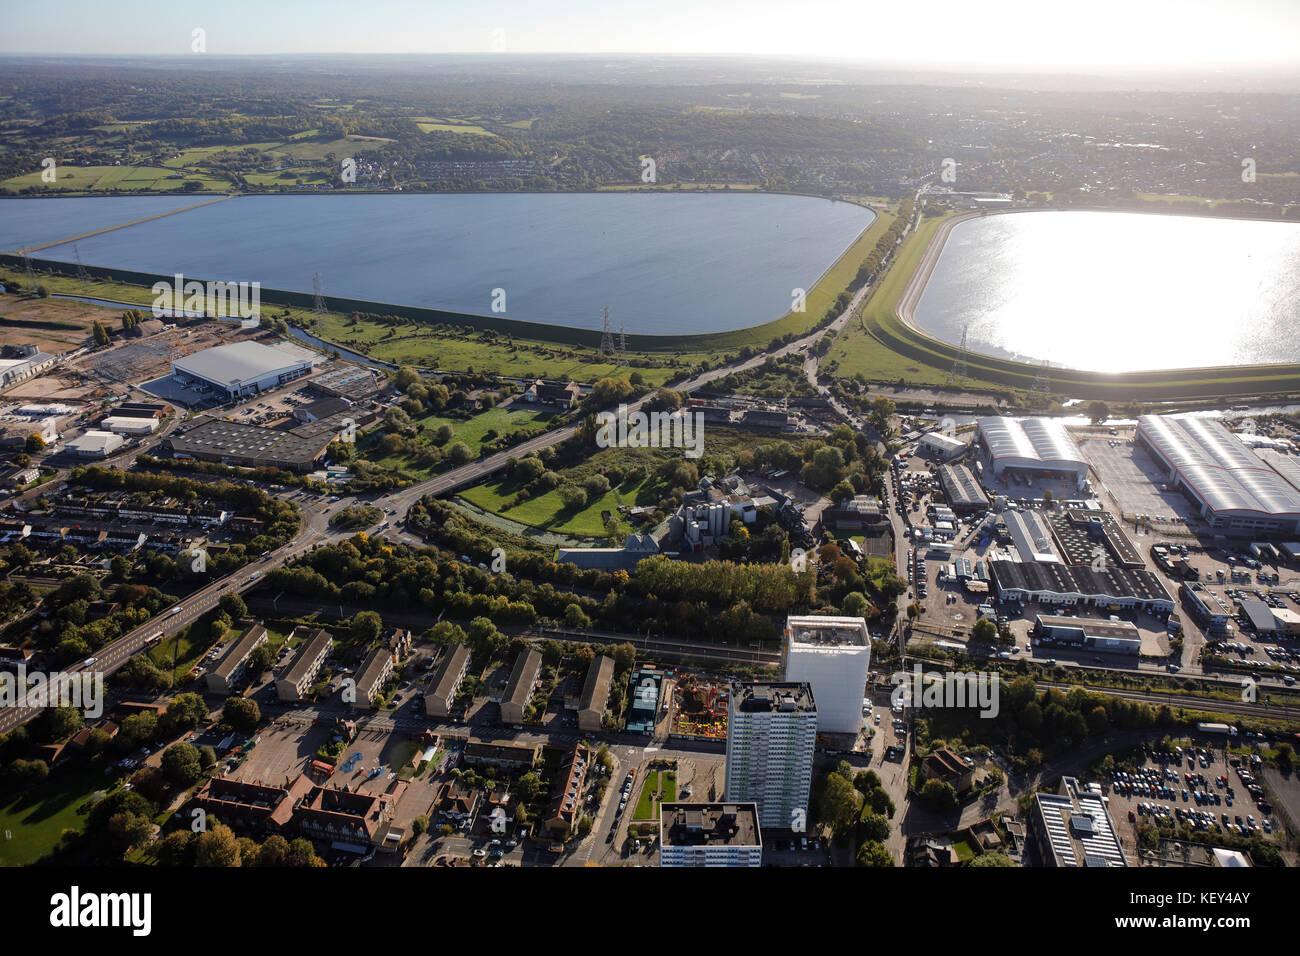 Eine Luftaufnahme der King George Reservoir in der Lea Valley, East London Stockbild